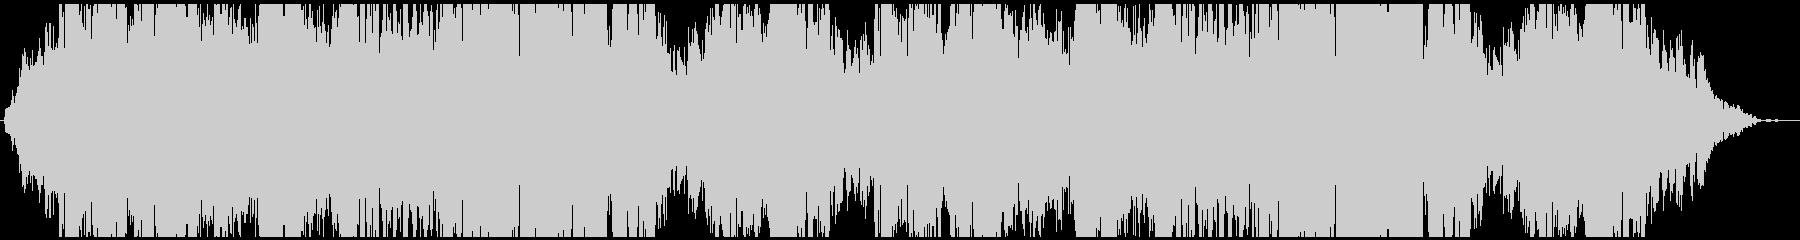 ドローン H ノイズ02の未再生の波形